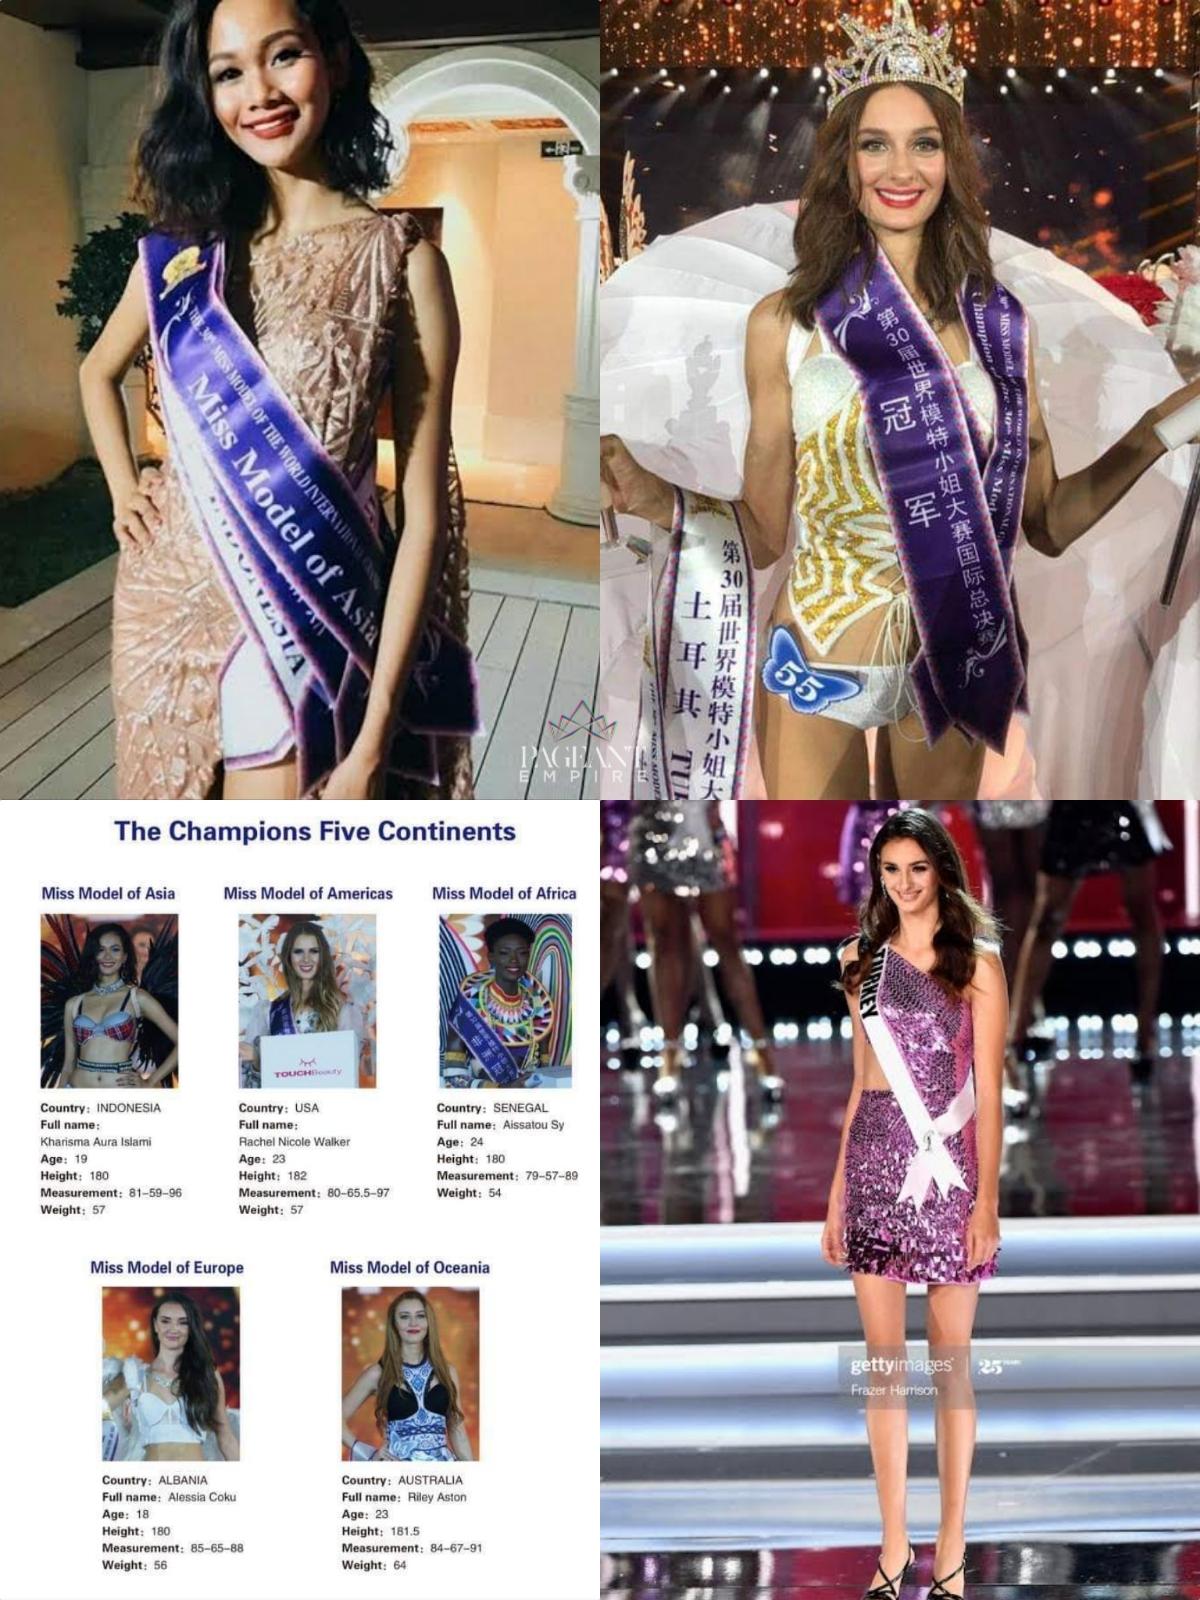 Perjalanan-Dunia-Pageants-Aura-Kharisma-Dari-Modeling- Tiga-Kali-Berjumpa-Kontestan-Miss Universe-Sampai-Menjadi-Juara-Miss-Grand-Indonesia-2020